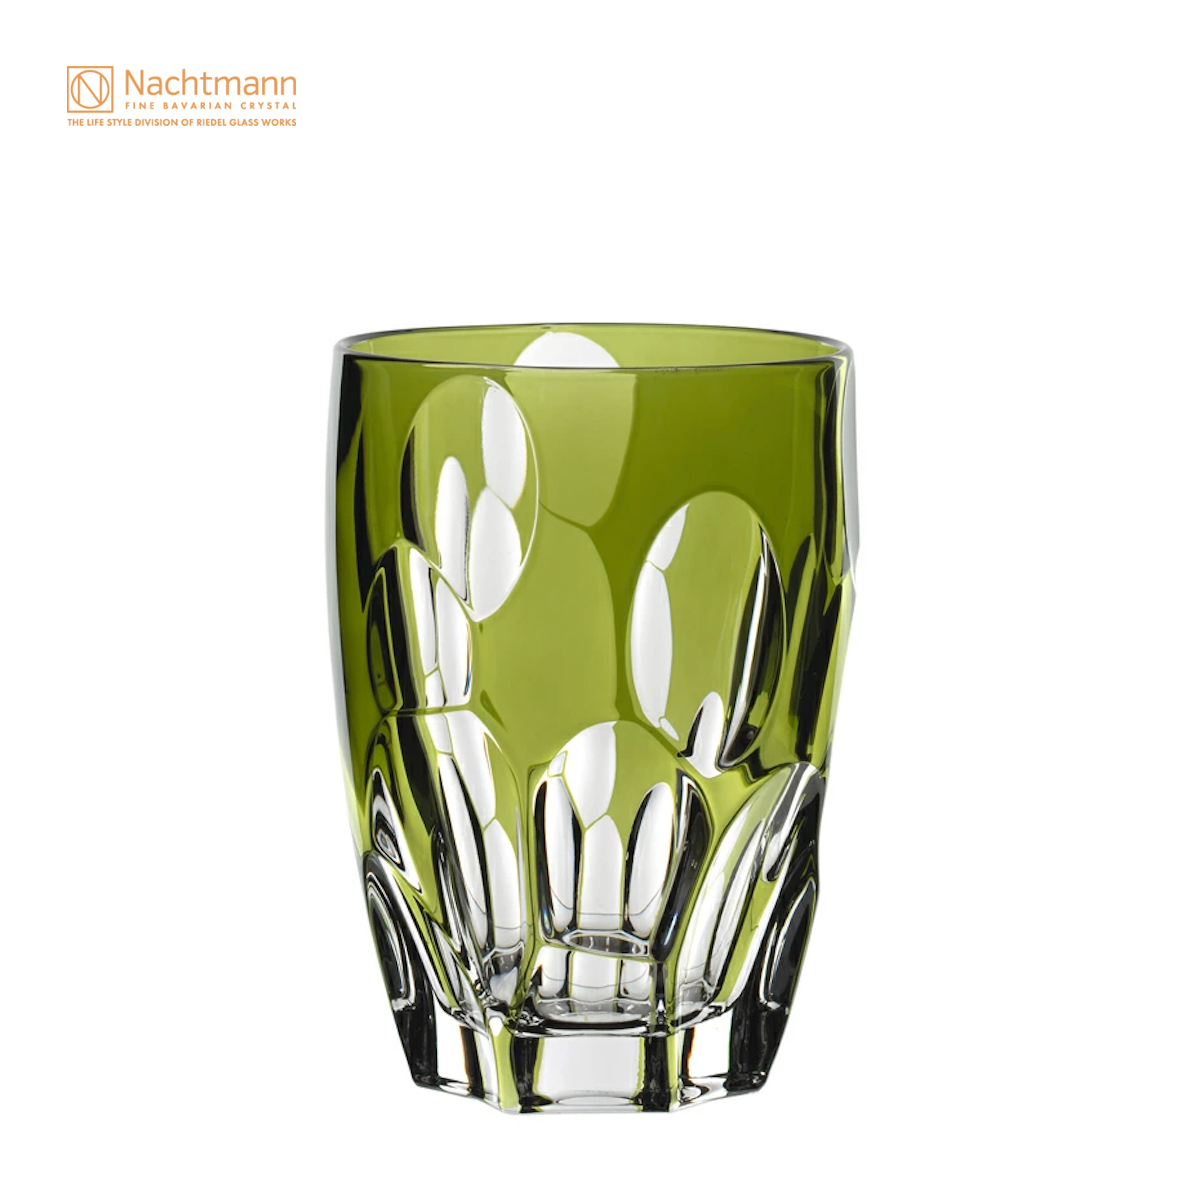 【ナハトマン公式】<プレッジオーソ> タンブラー グリーン(1個入)95684【ラッピング無料】Nachtmann タンブラー 緑 翠 Green 宝石